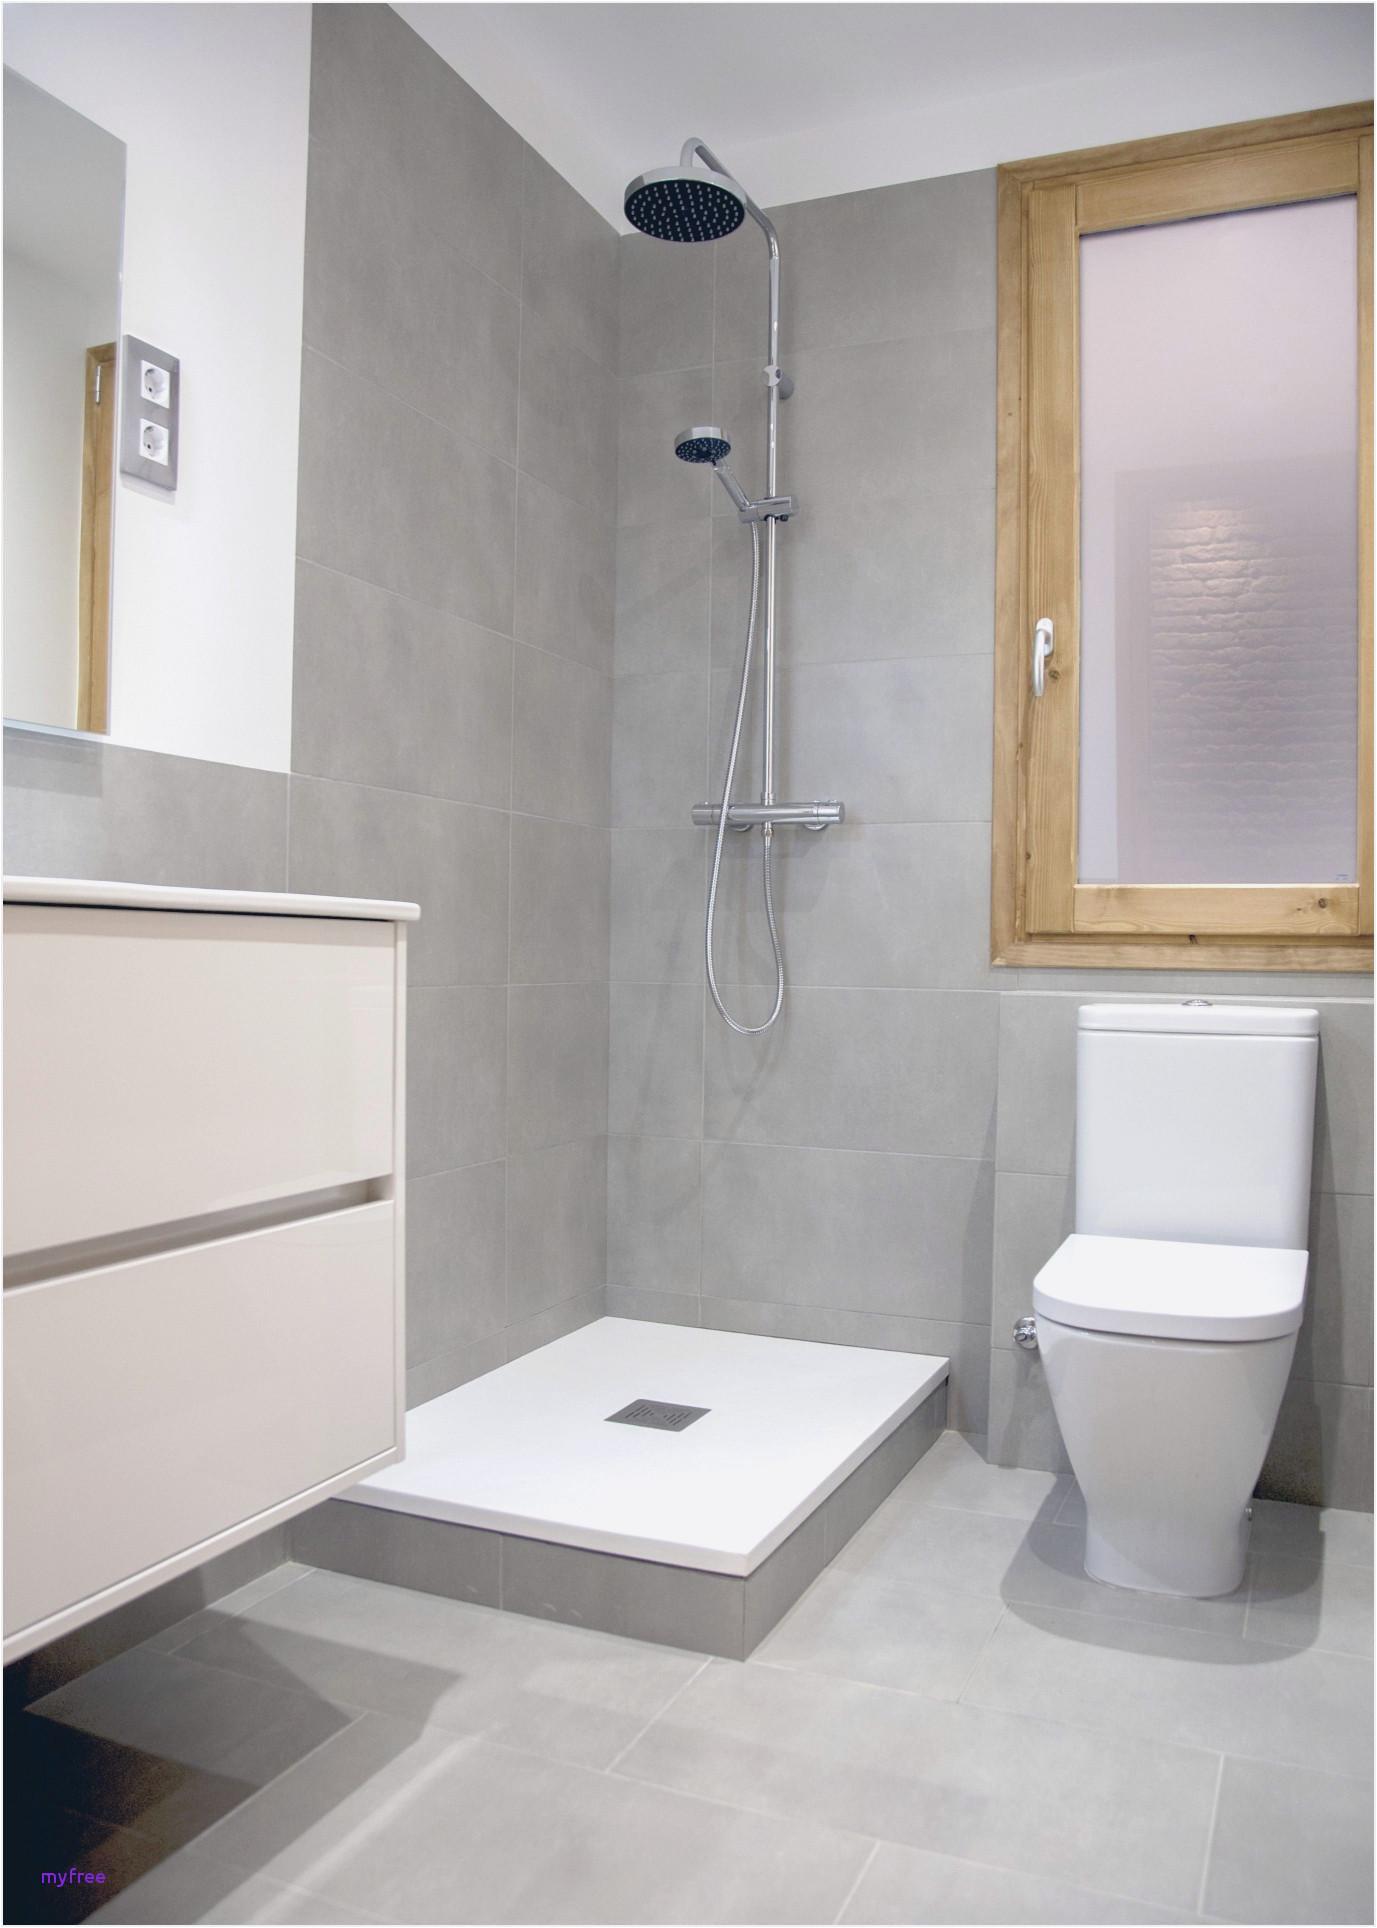 cuartos de baa o rusticos de obra 25 sensacional muebles de baa o segunda mano decoracia n